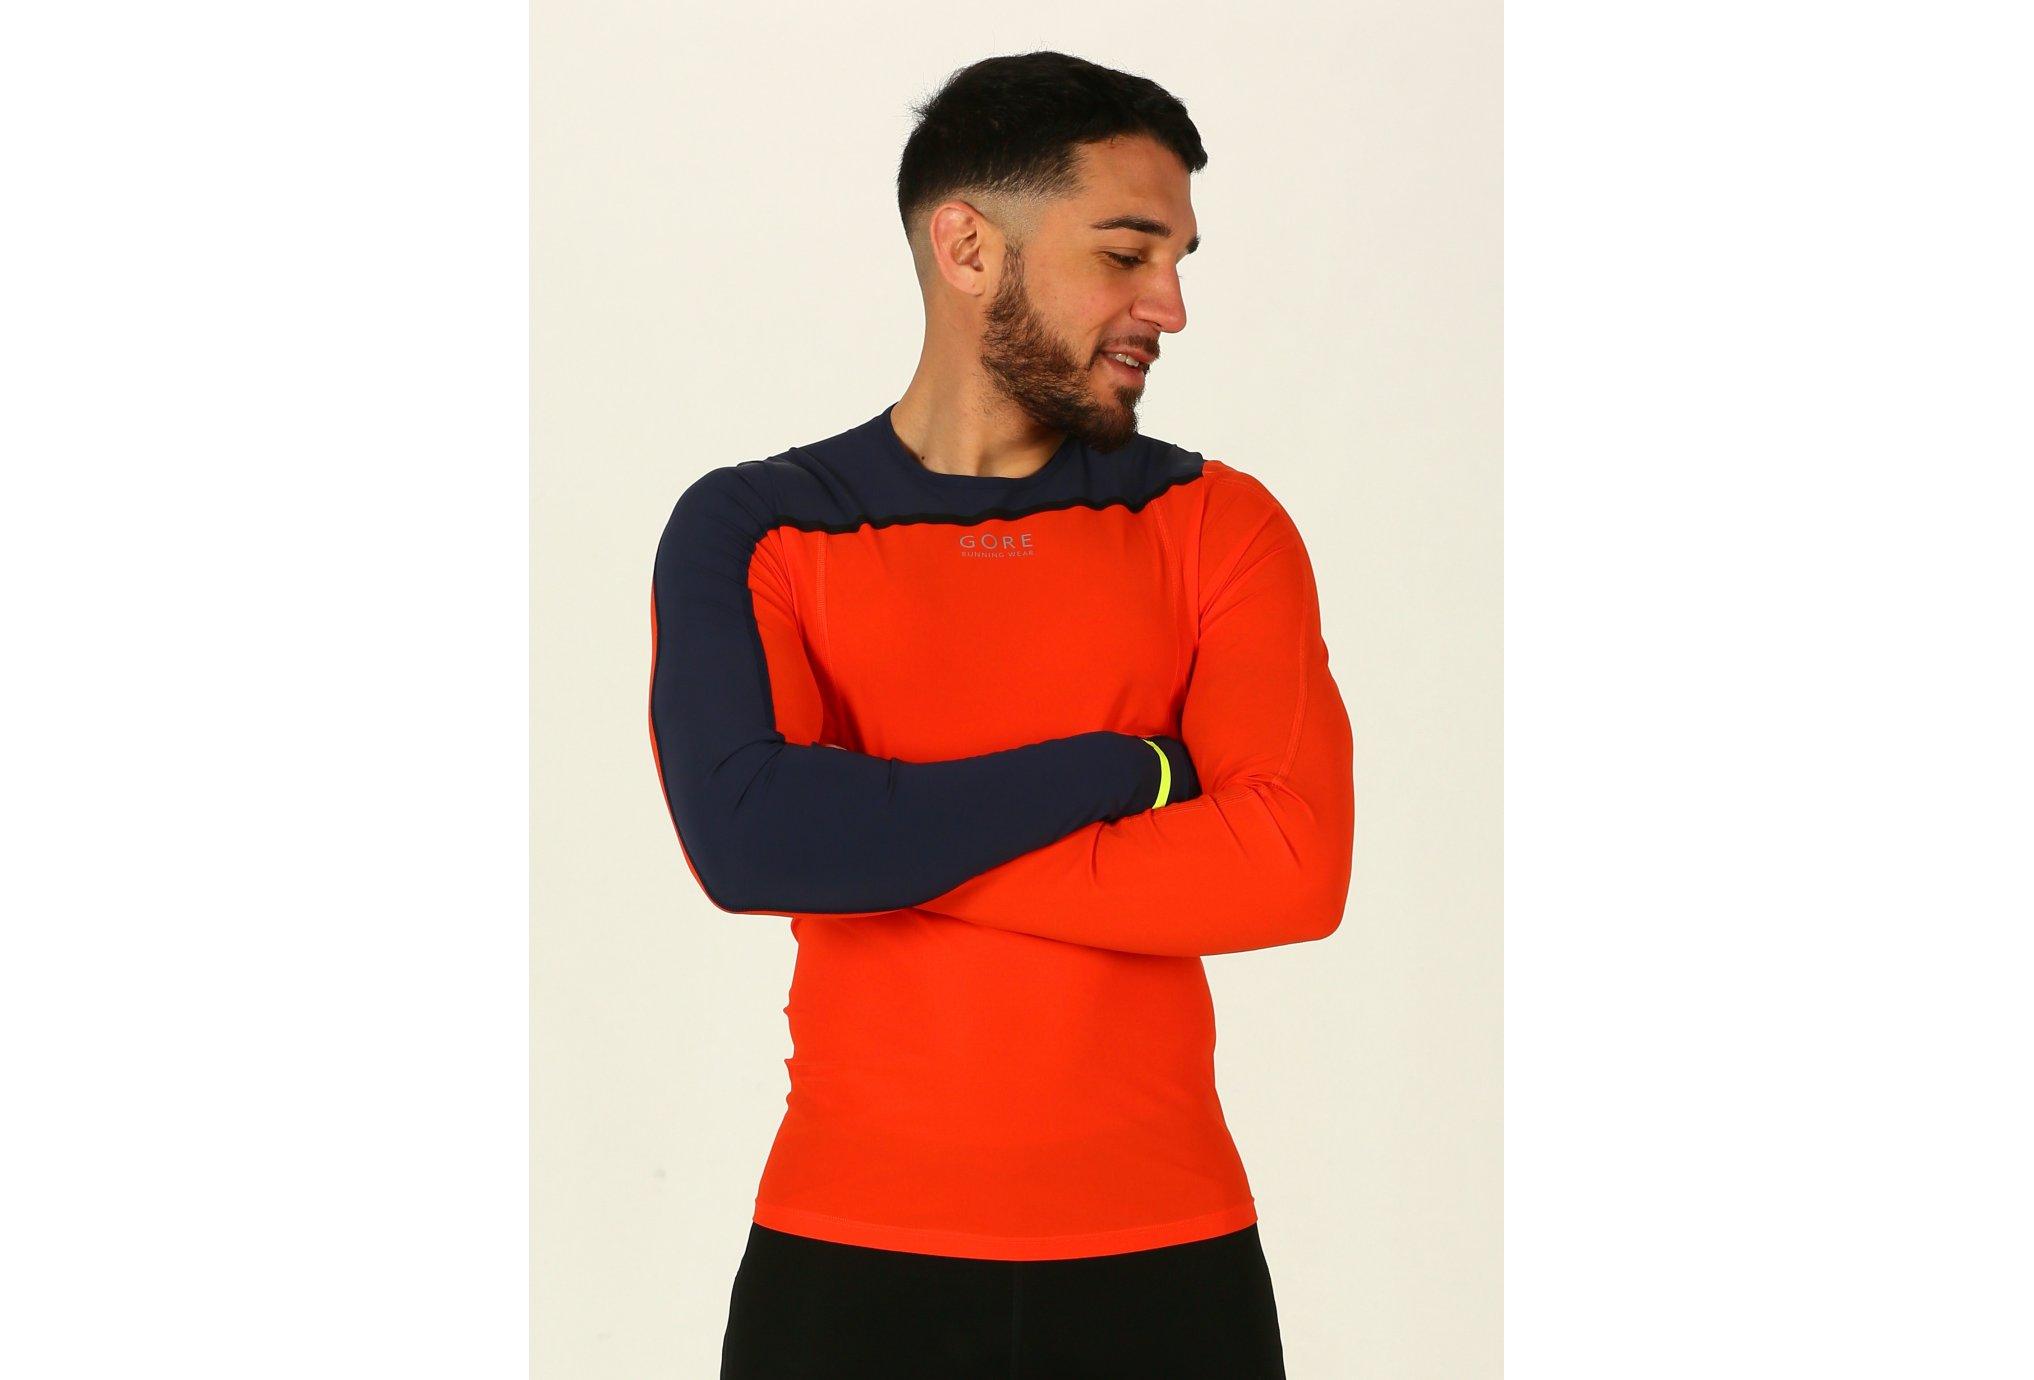 Gore Wear Fusion M Diététique Vêtements homme